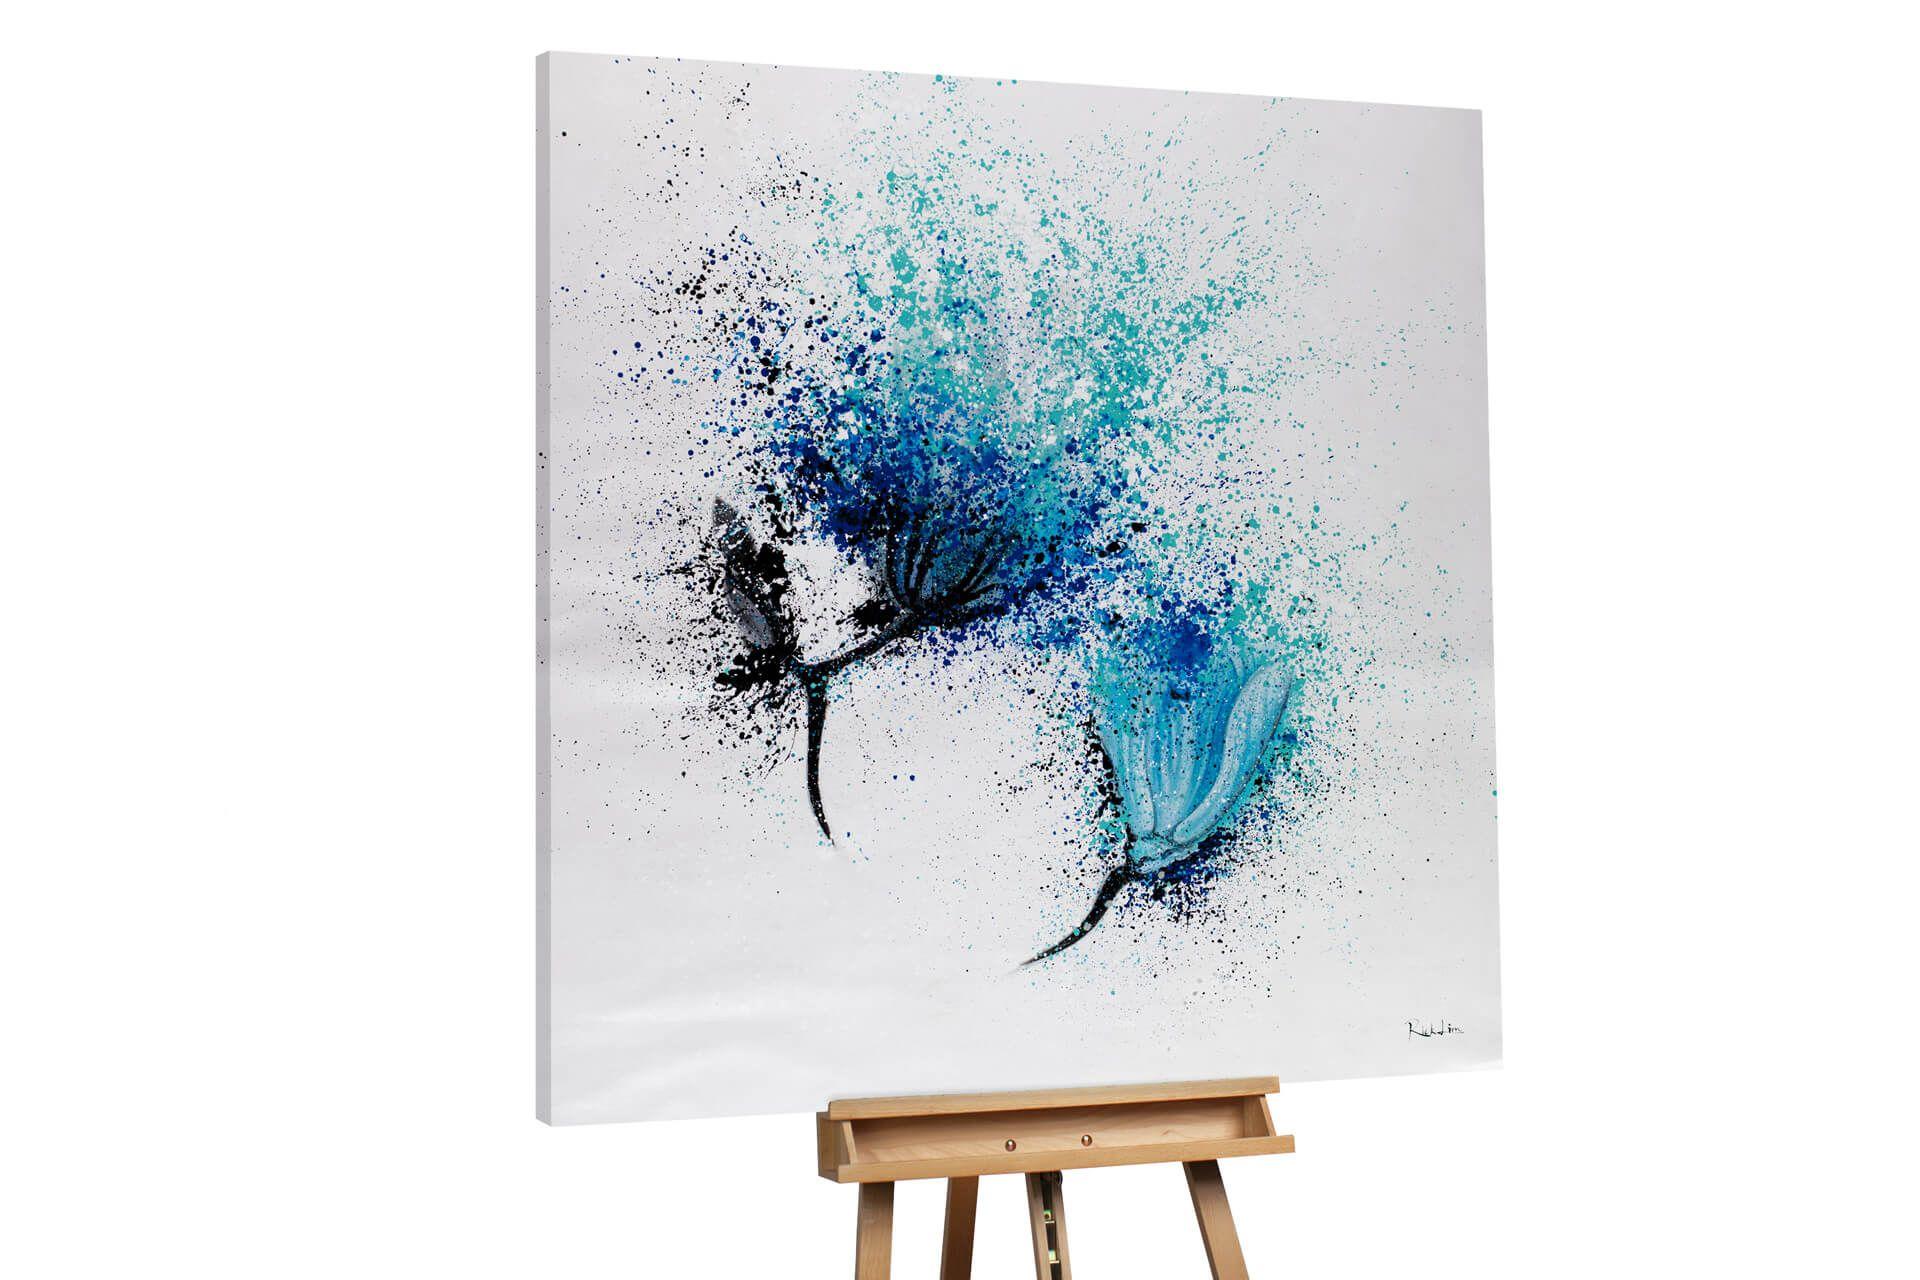 ol gemalde fantastic flowers 150x150cm grosse bilder leinwand foto auf 80x60 poster drucken